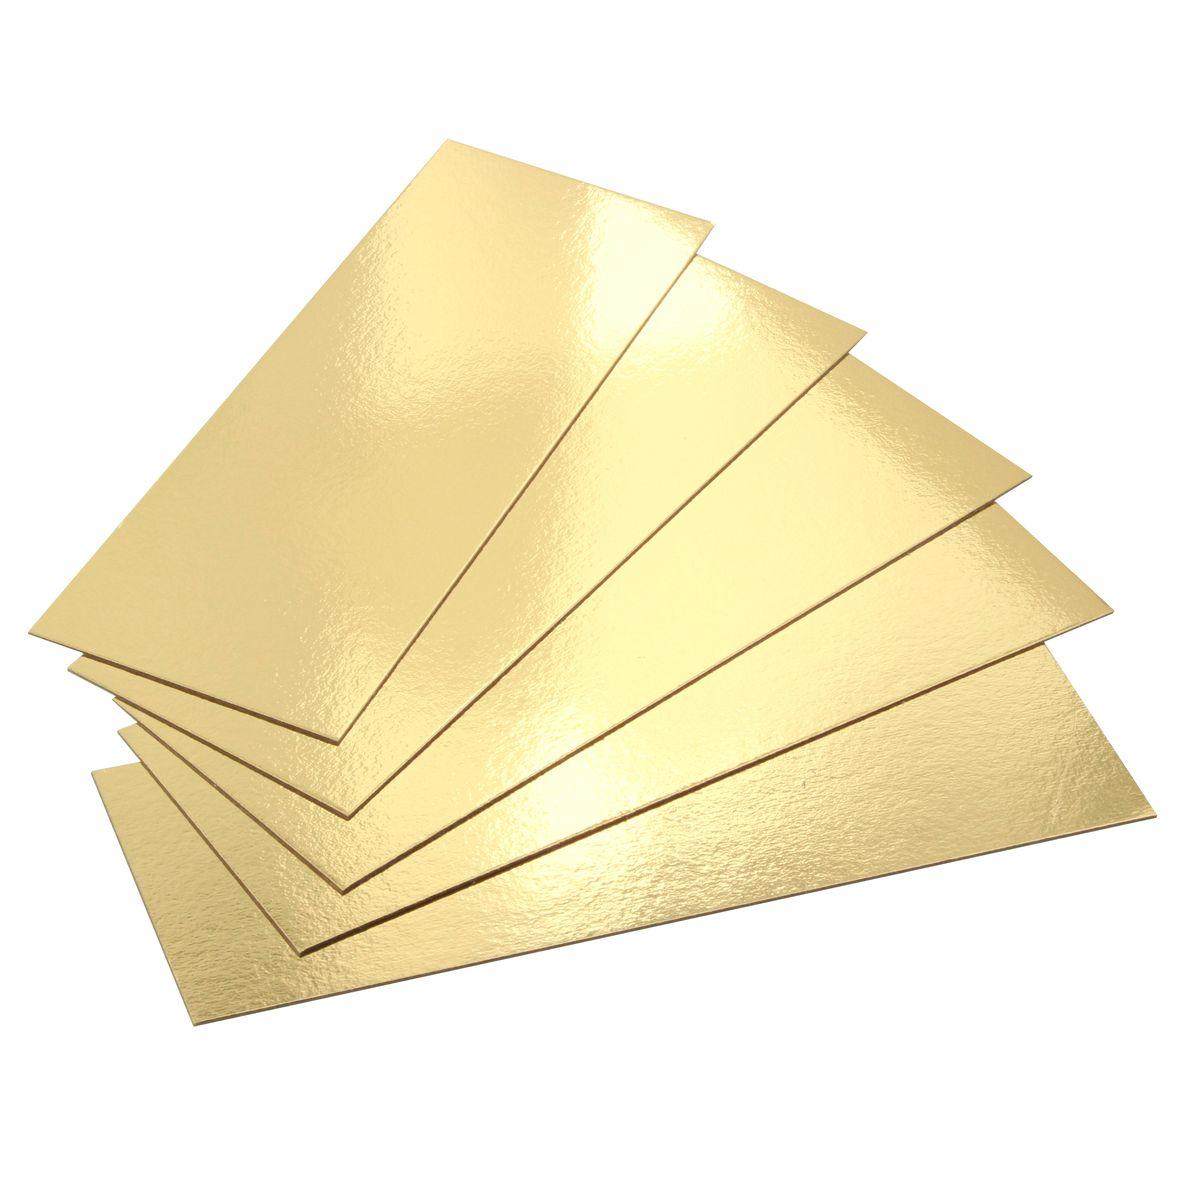 5 supports à gâteaux rectangulaires dorés 29.5 x 10 cm - Patisdecor